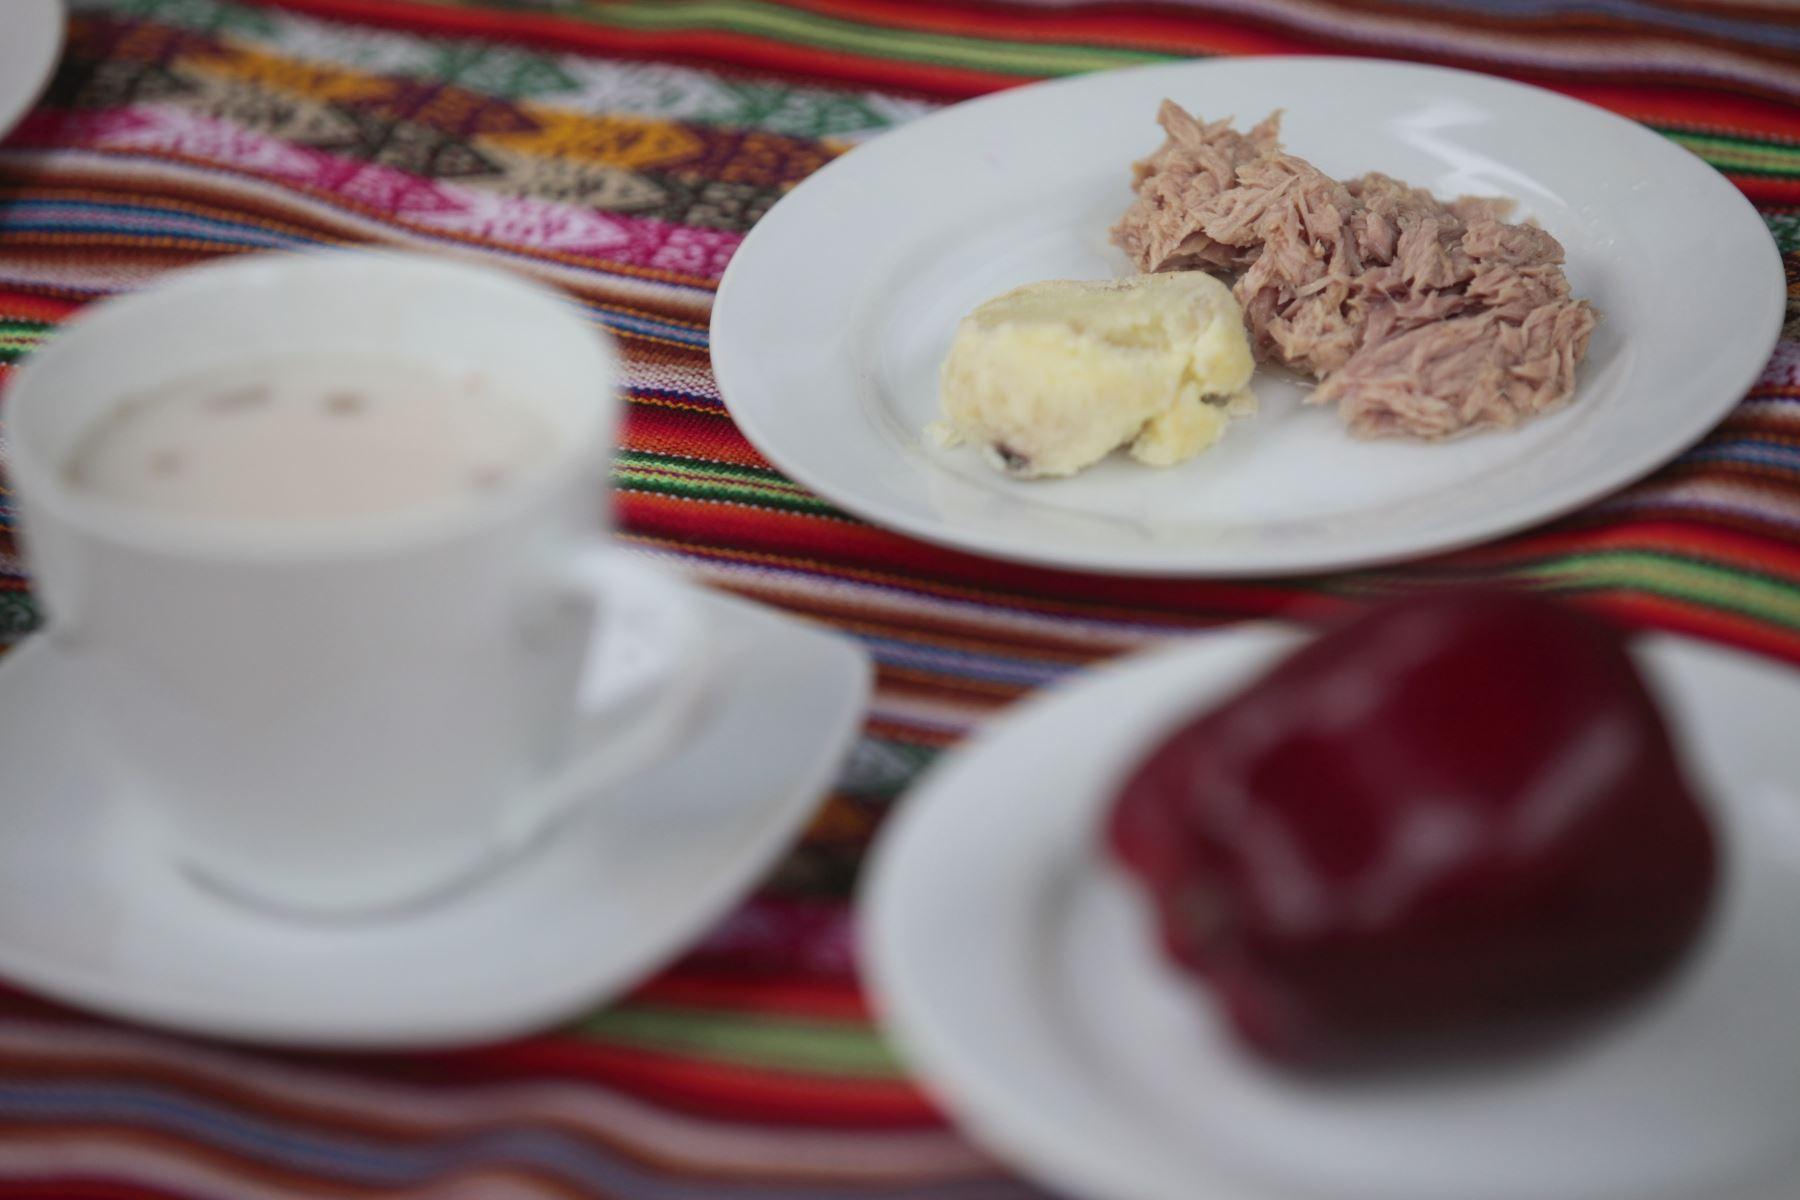 Papa con atún. Ministerio de Salud presenta alternativas de desayunos de invierno preparados con cereales andinos y productos de la selva. Niños degustan desayuno de choclo, queso, pan, jugo de fruta y maca. Foto: ANDINA/Miguel Mejía